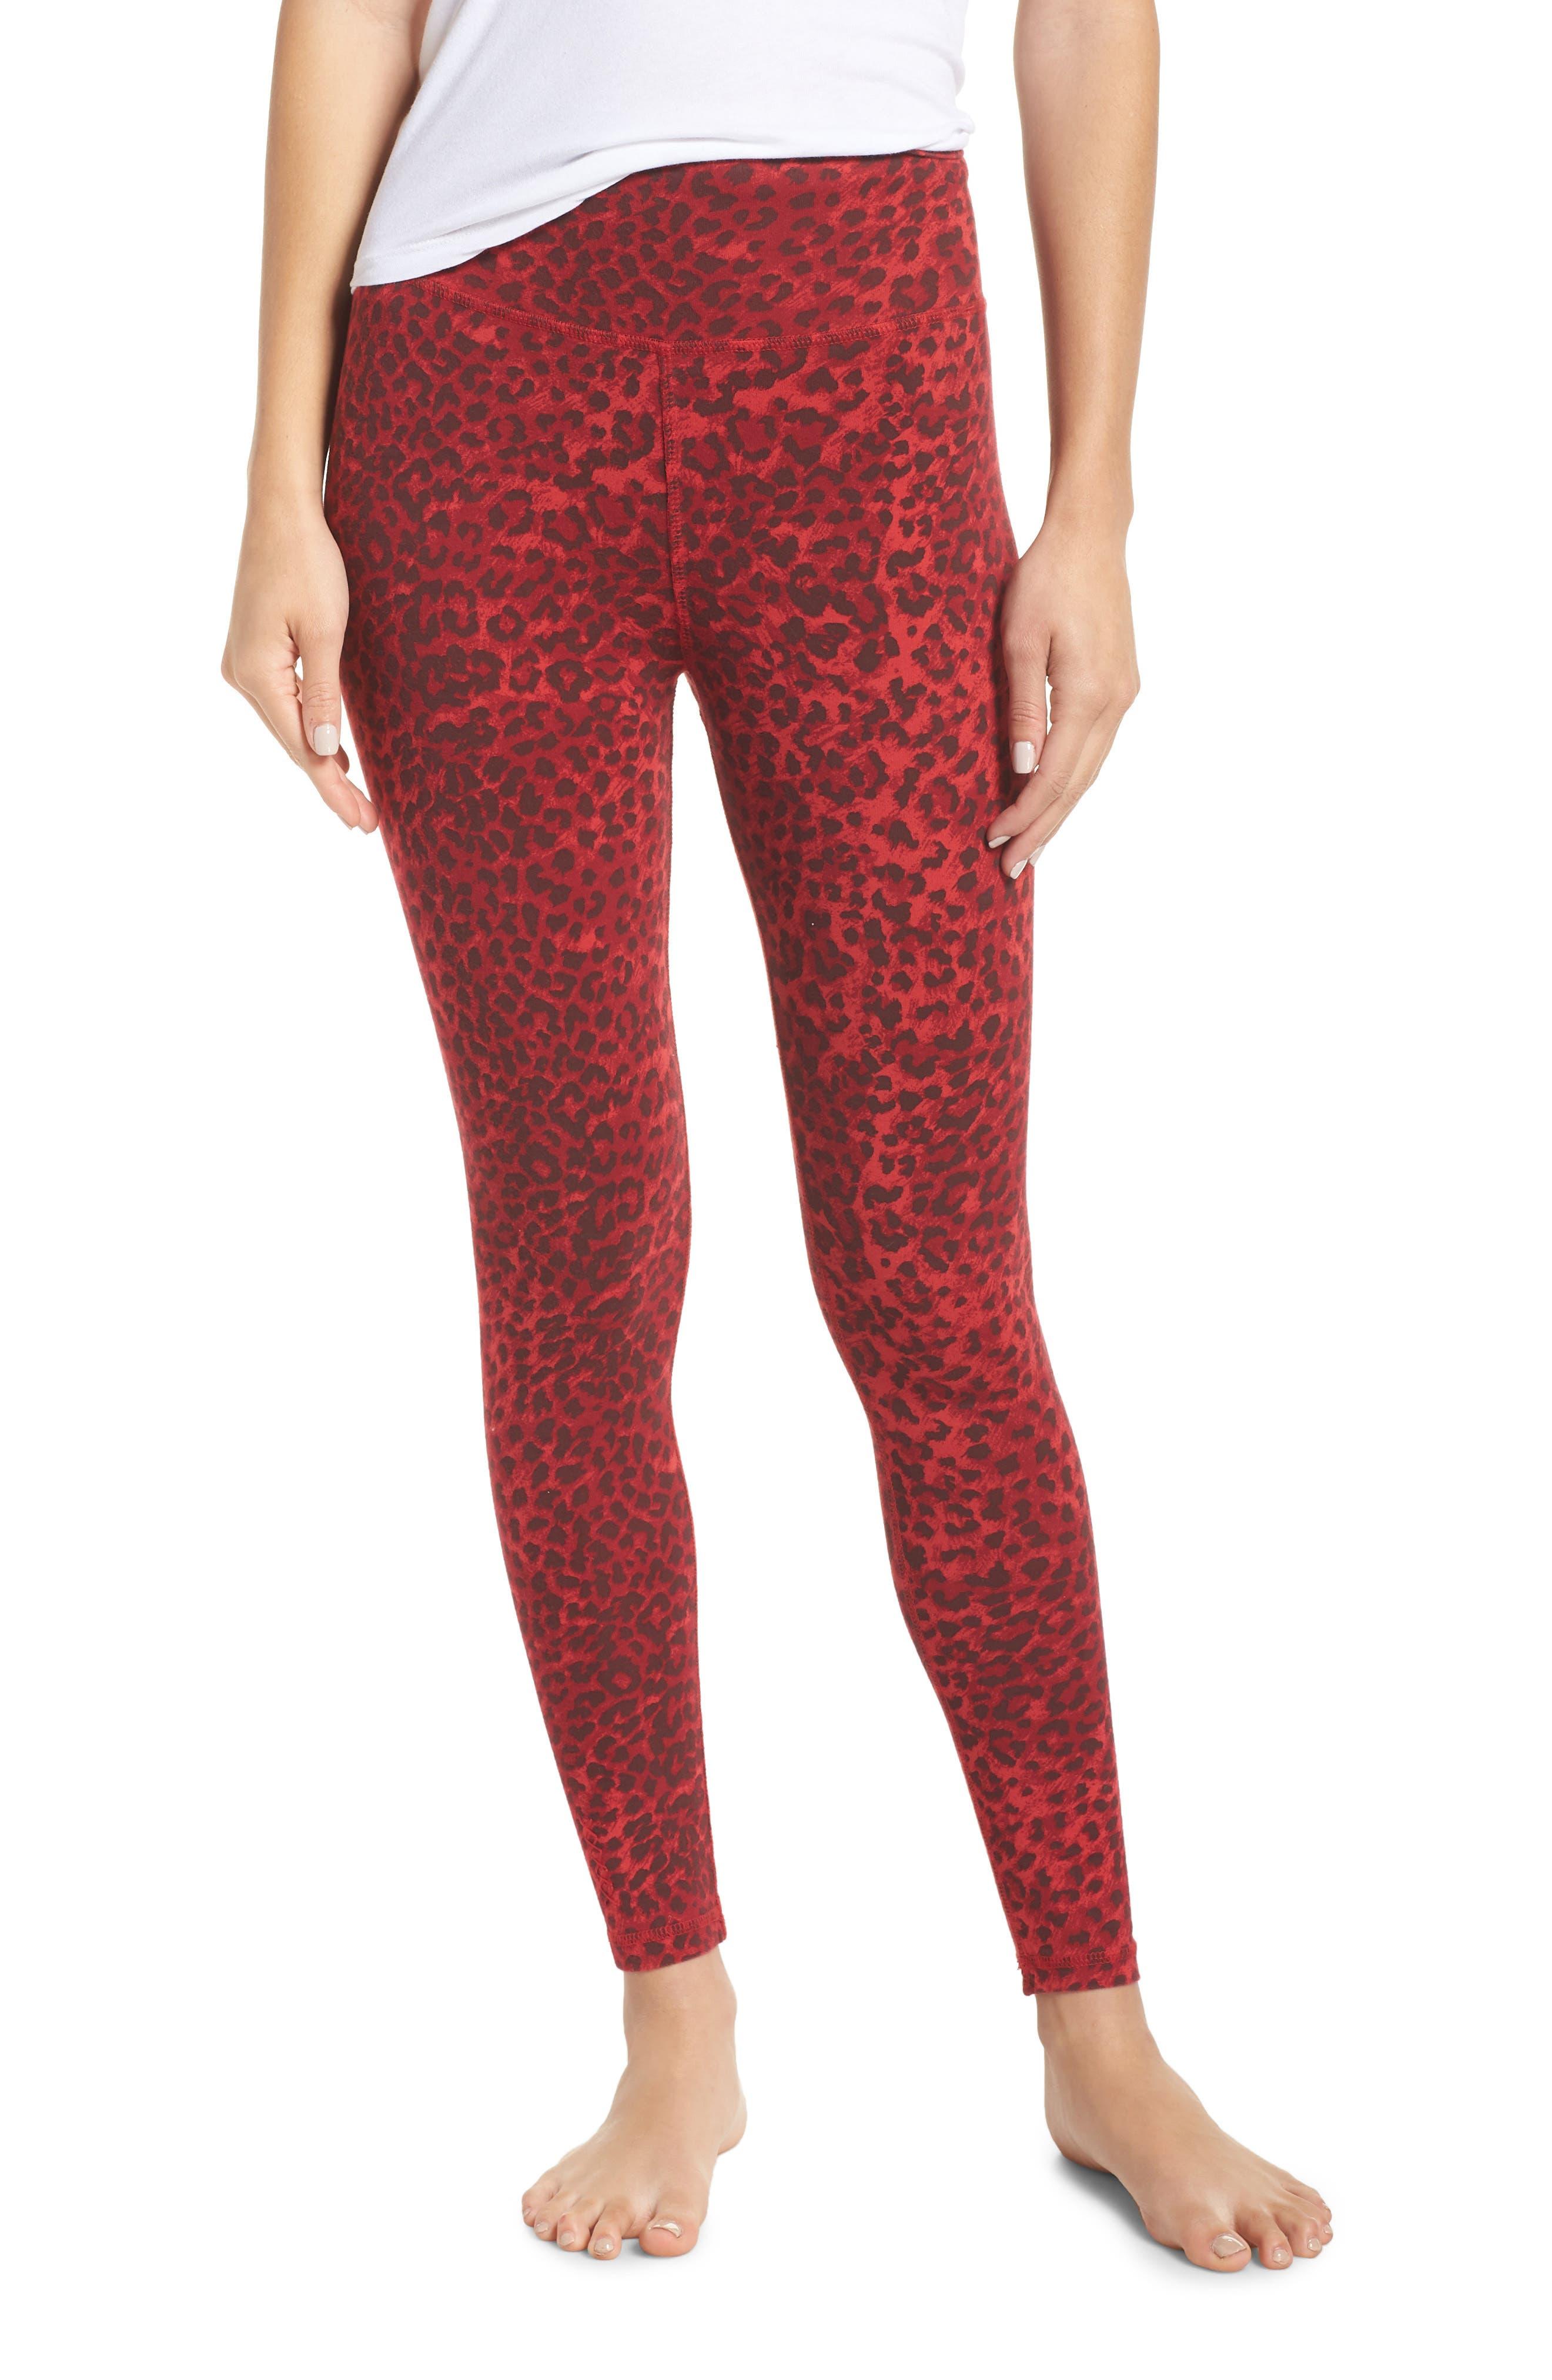 RAGDOLL Leopard Print Leggings in Red Leopard